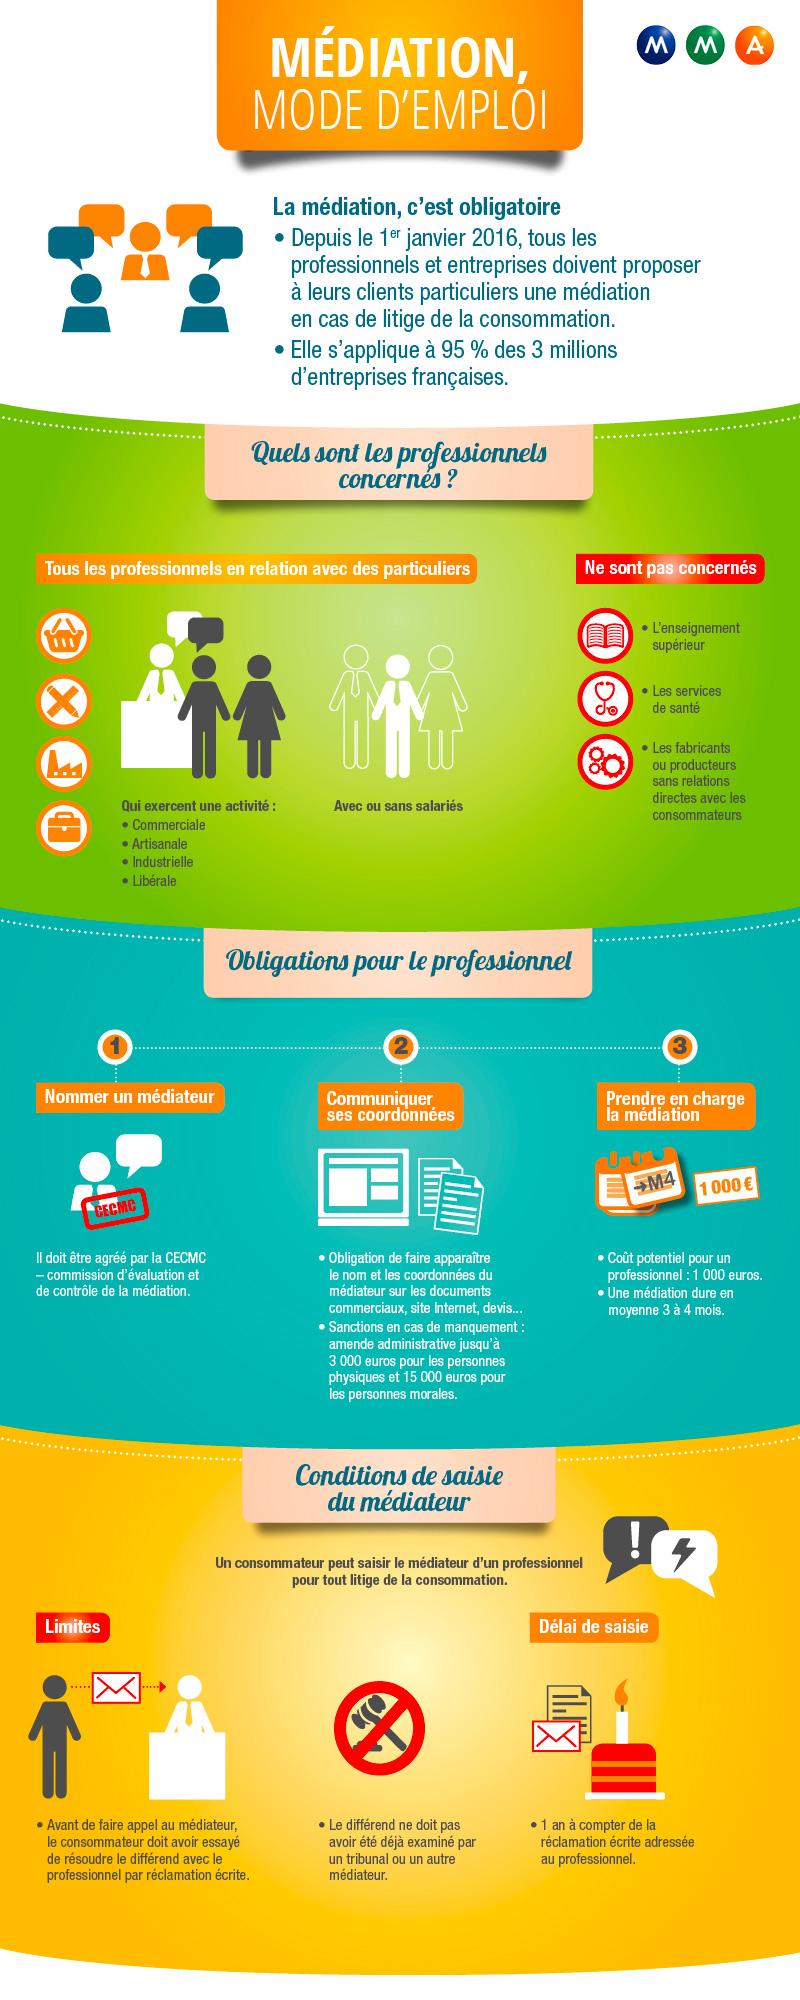 Médiation obligatoire mode d'emploi